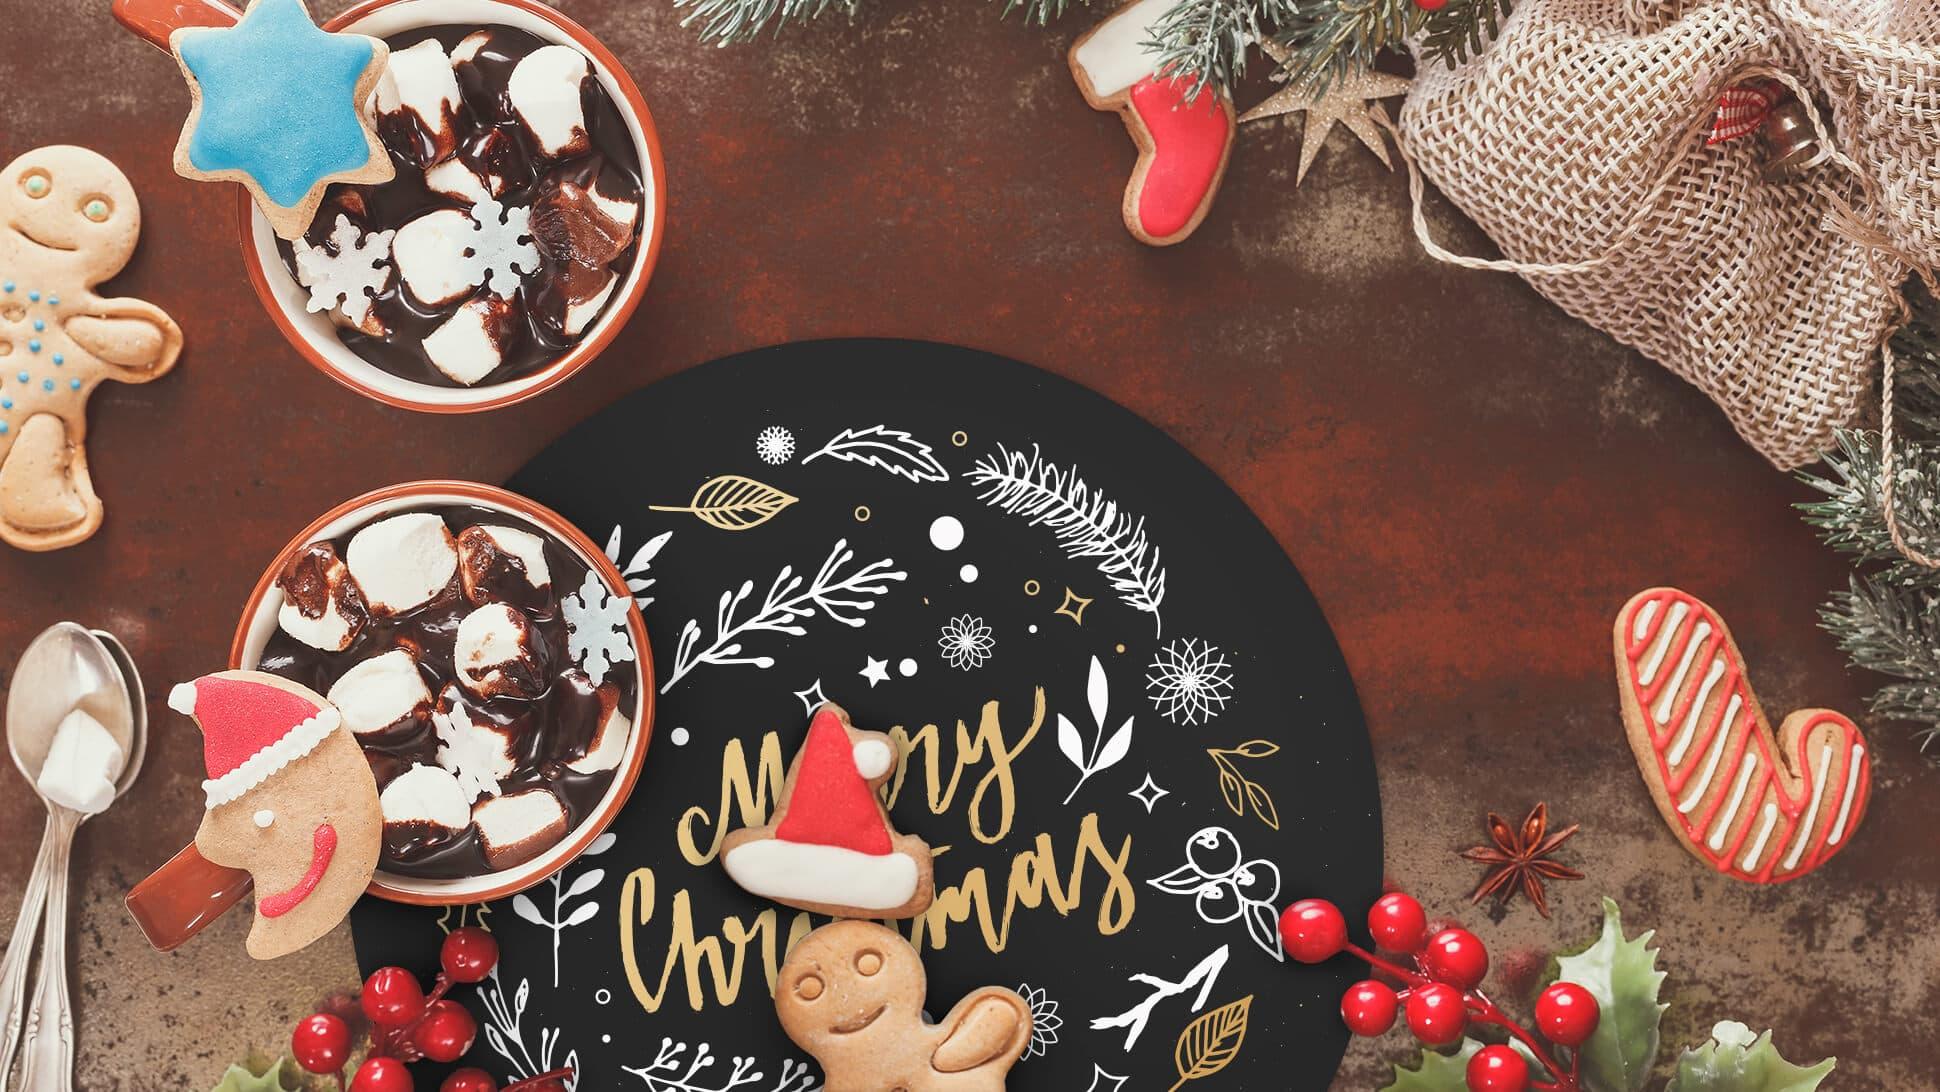 Tovaglietta natalizia per momenti di condivisione | tictac.it